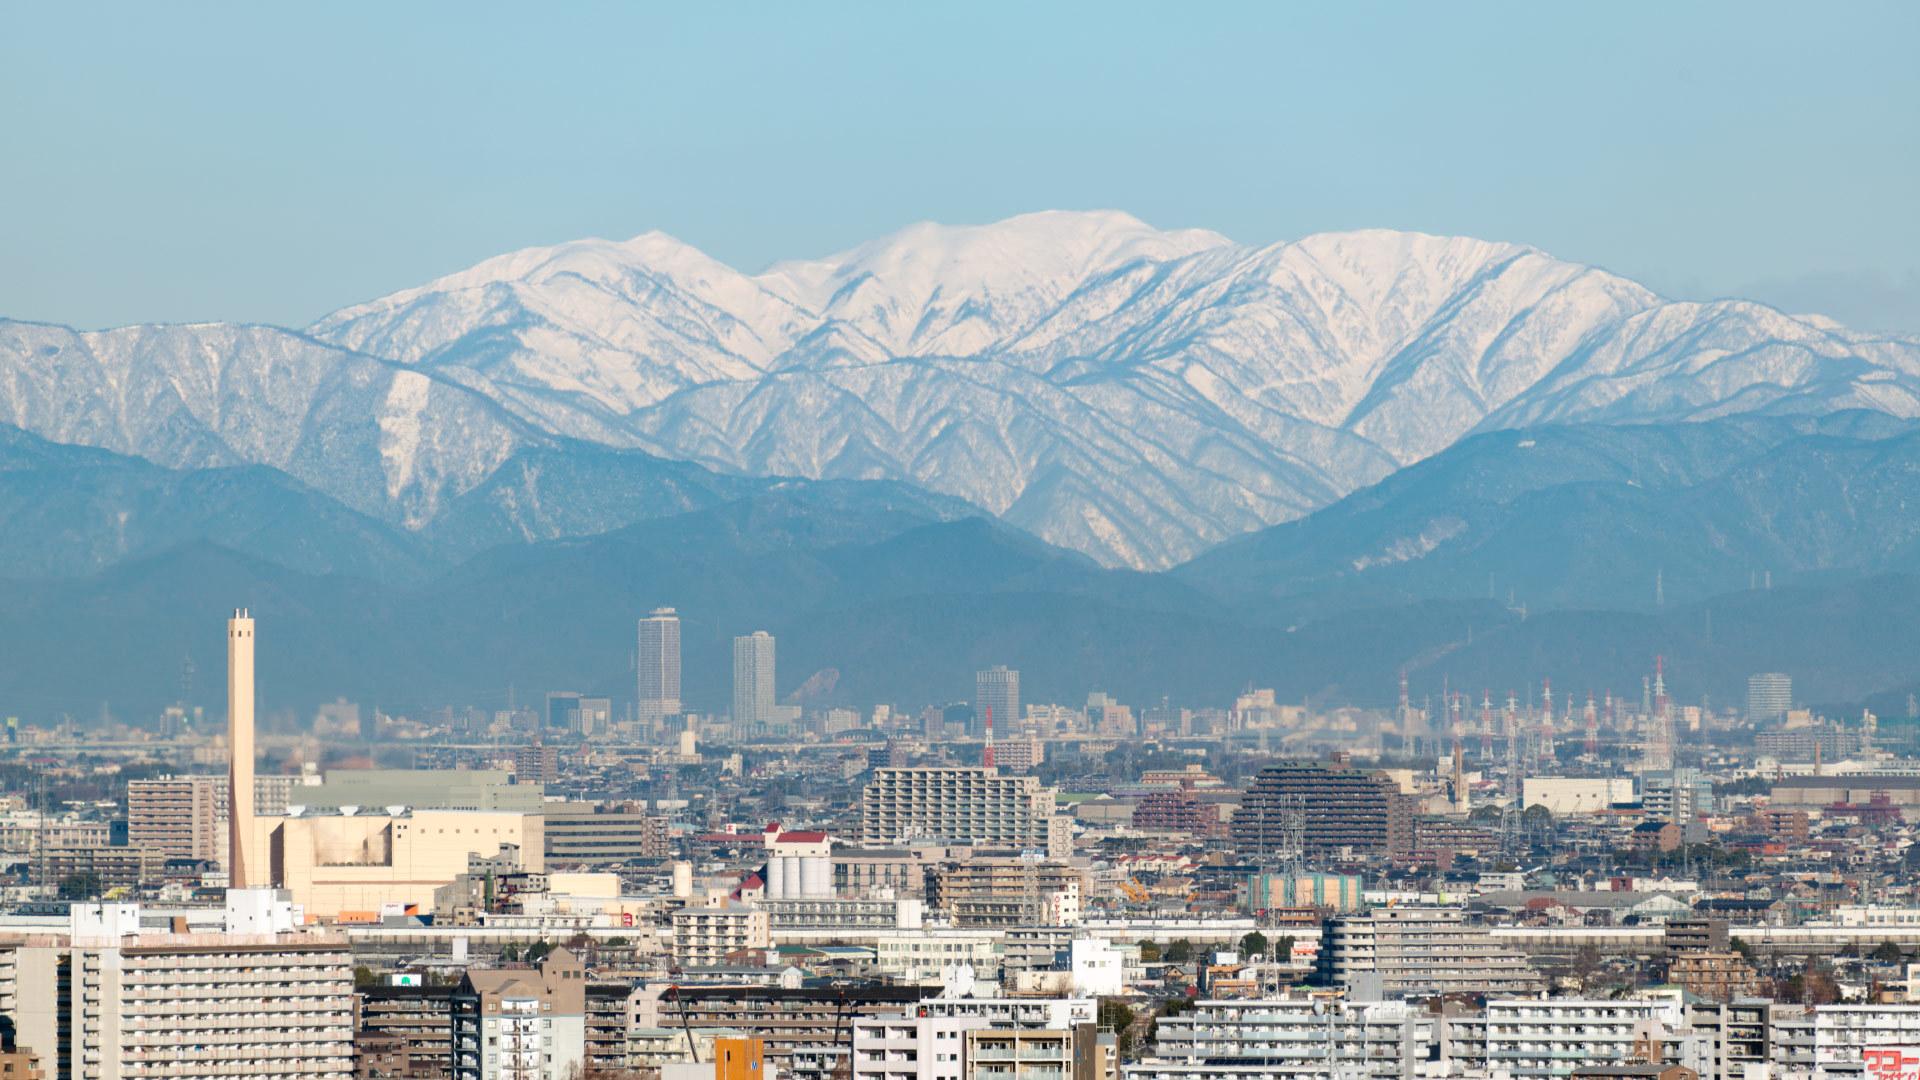 雪山観望日和_a0177616_15320534.jpg